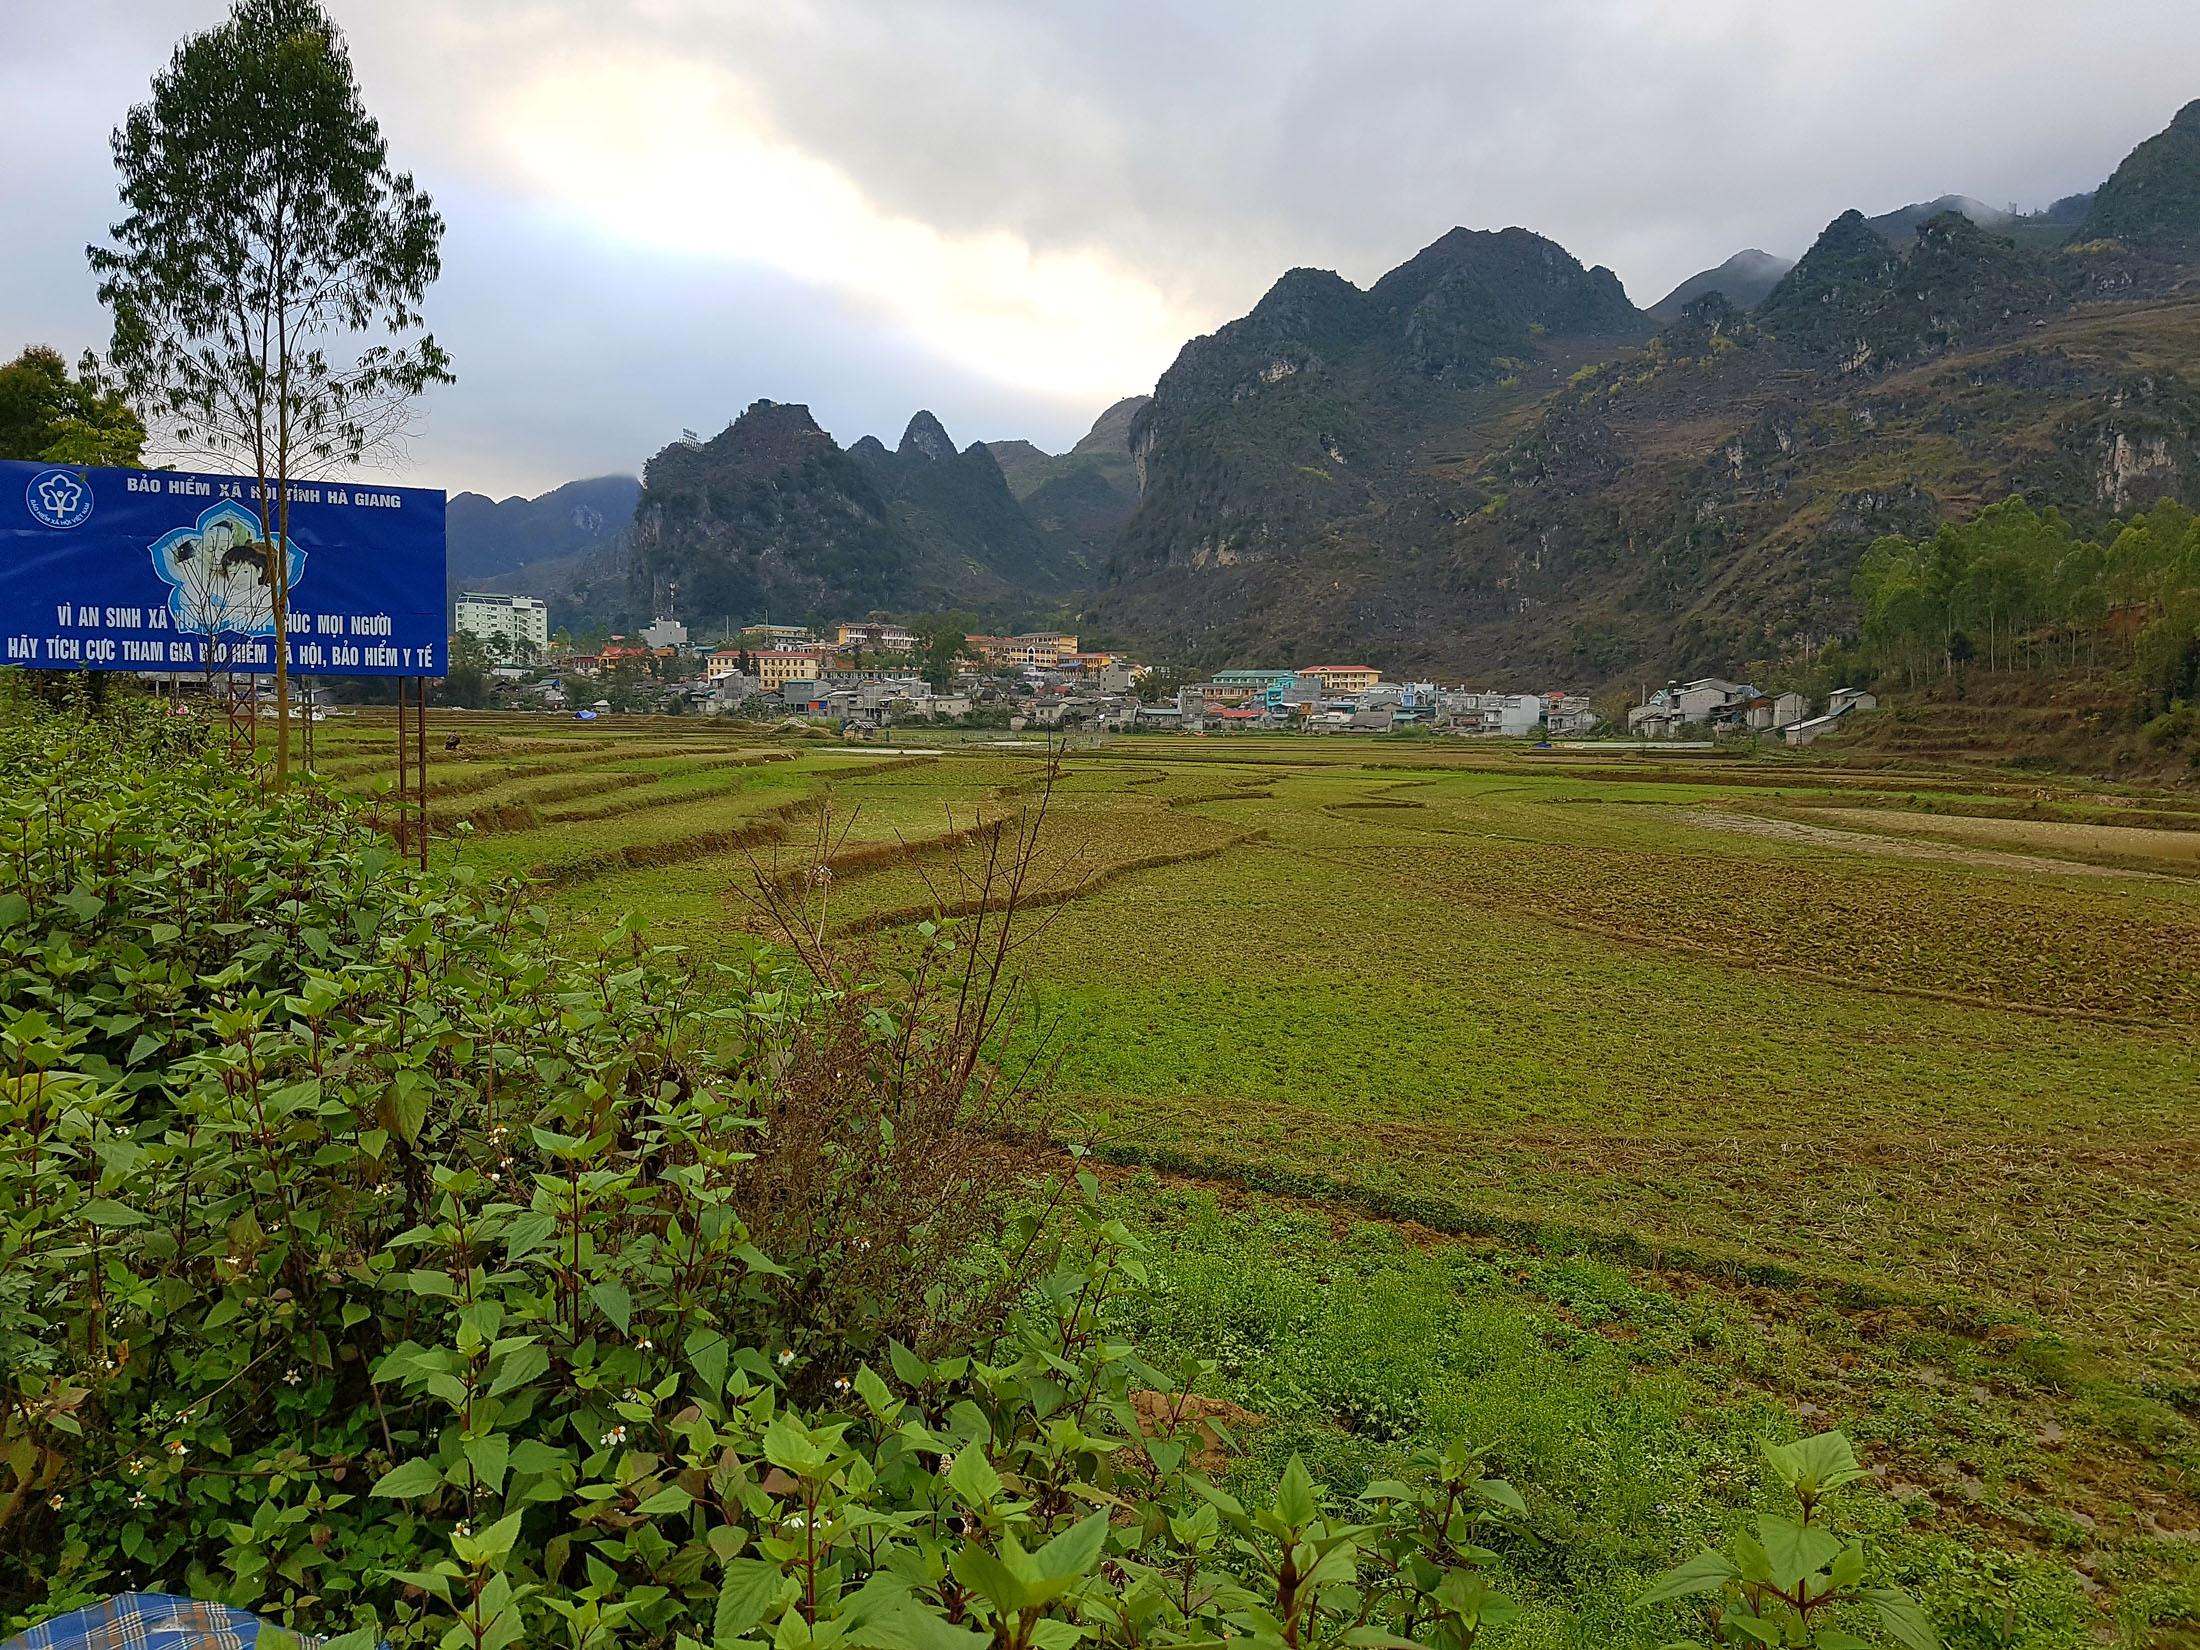 Saída da cidade HàGiang